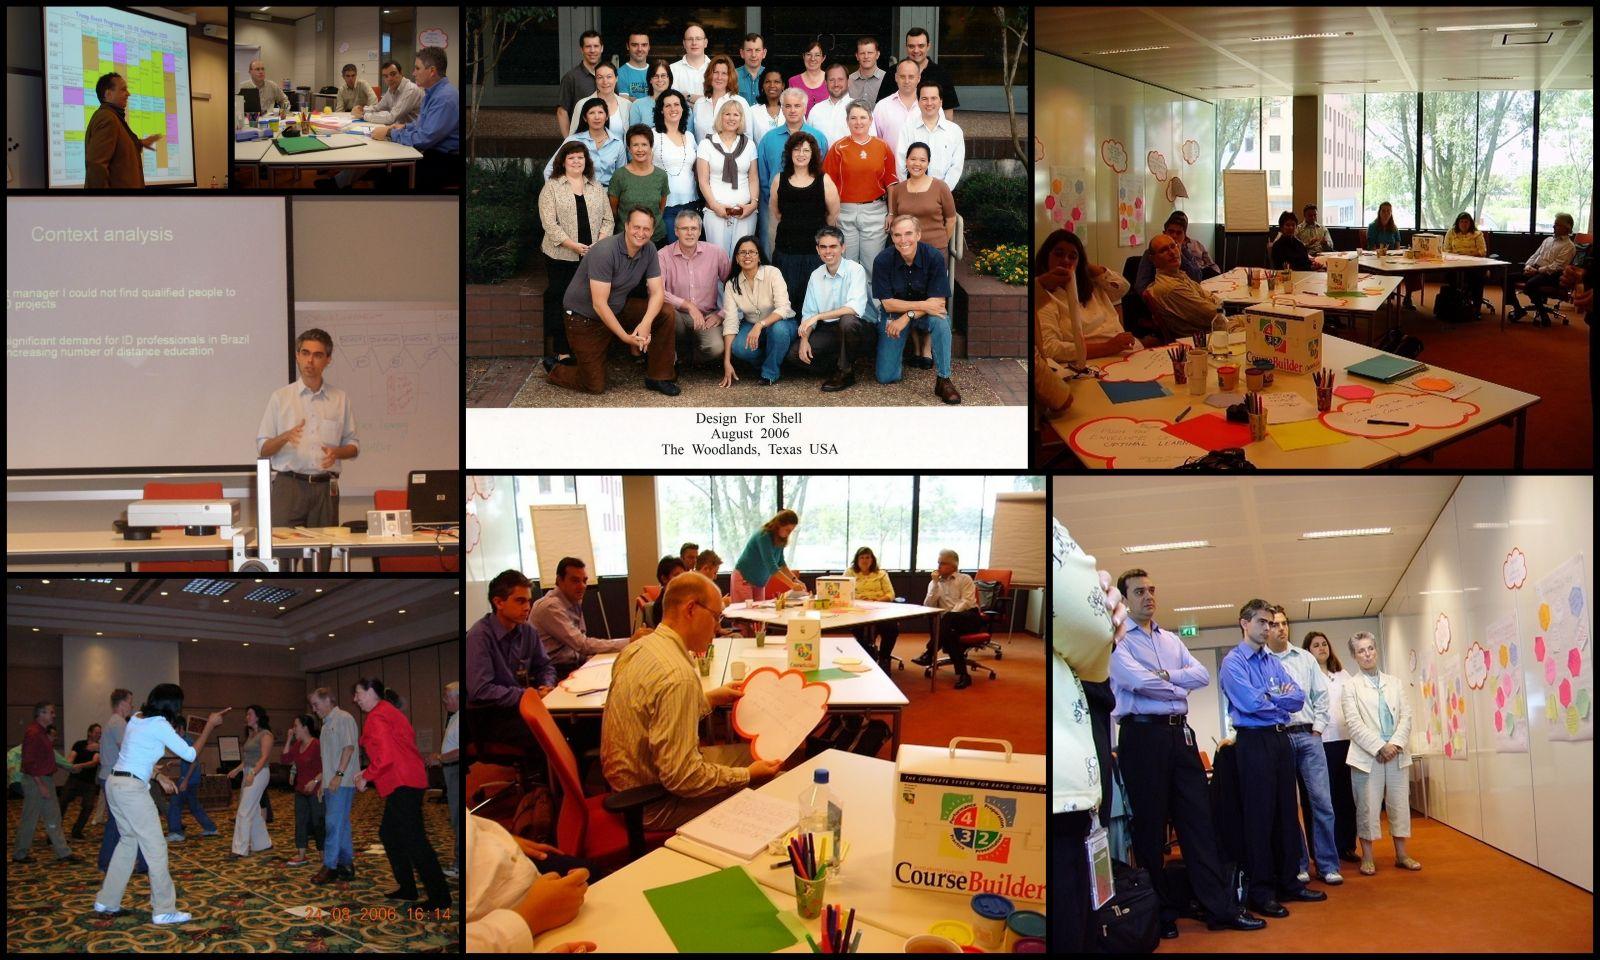 Reuniões da equipe de design educacional da Shell. Haia 2005 e Houston 2006.